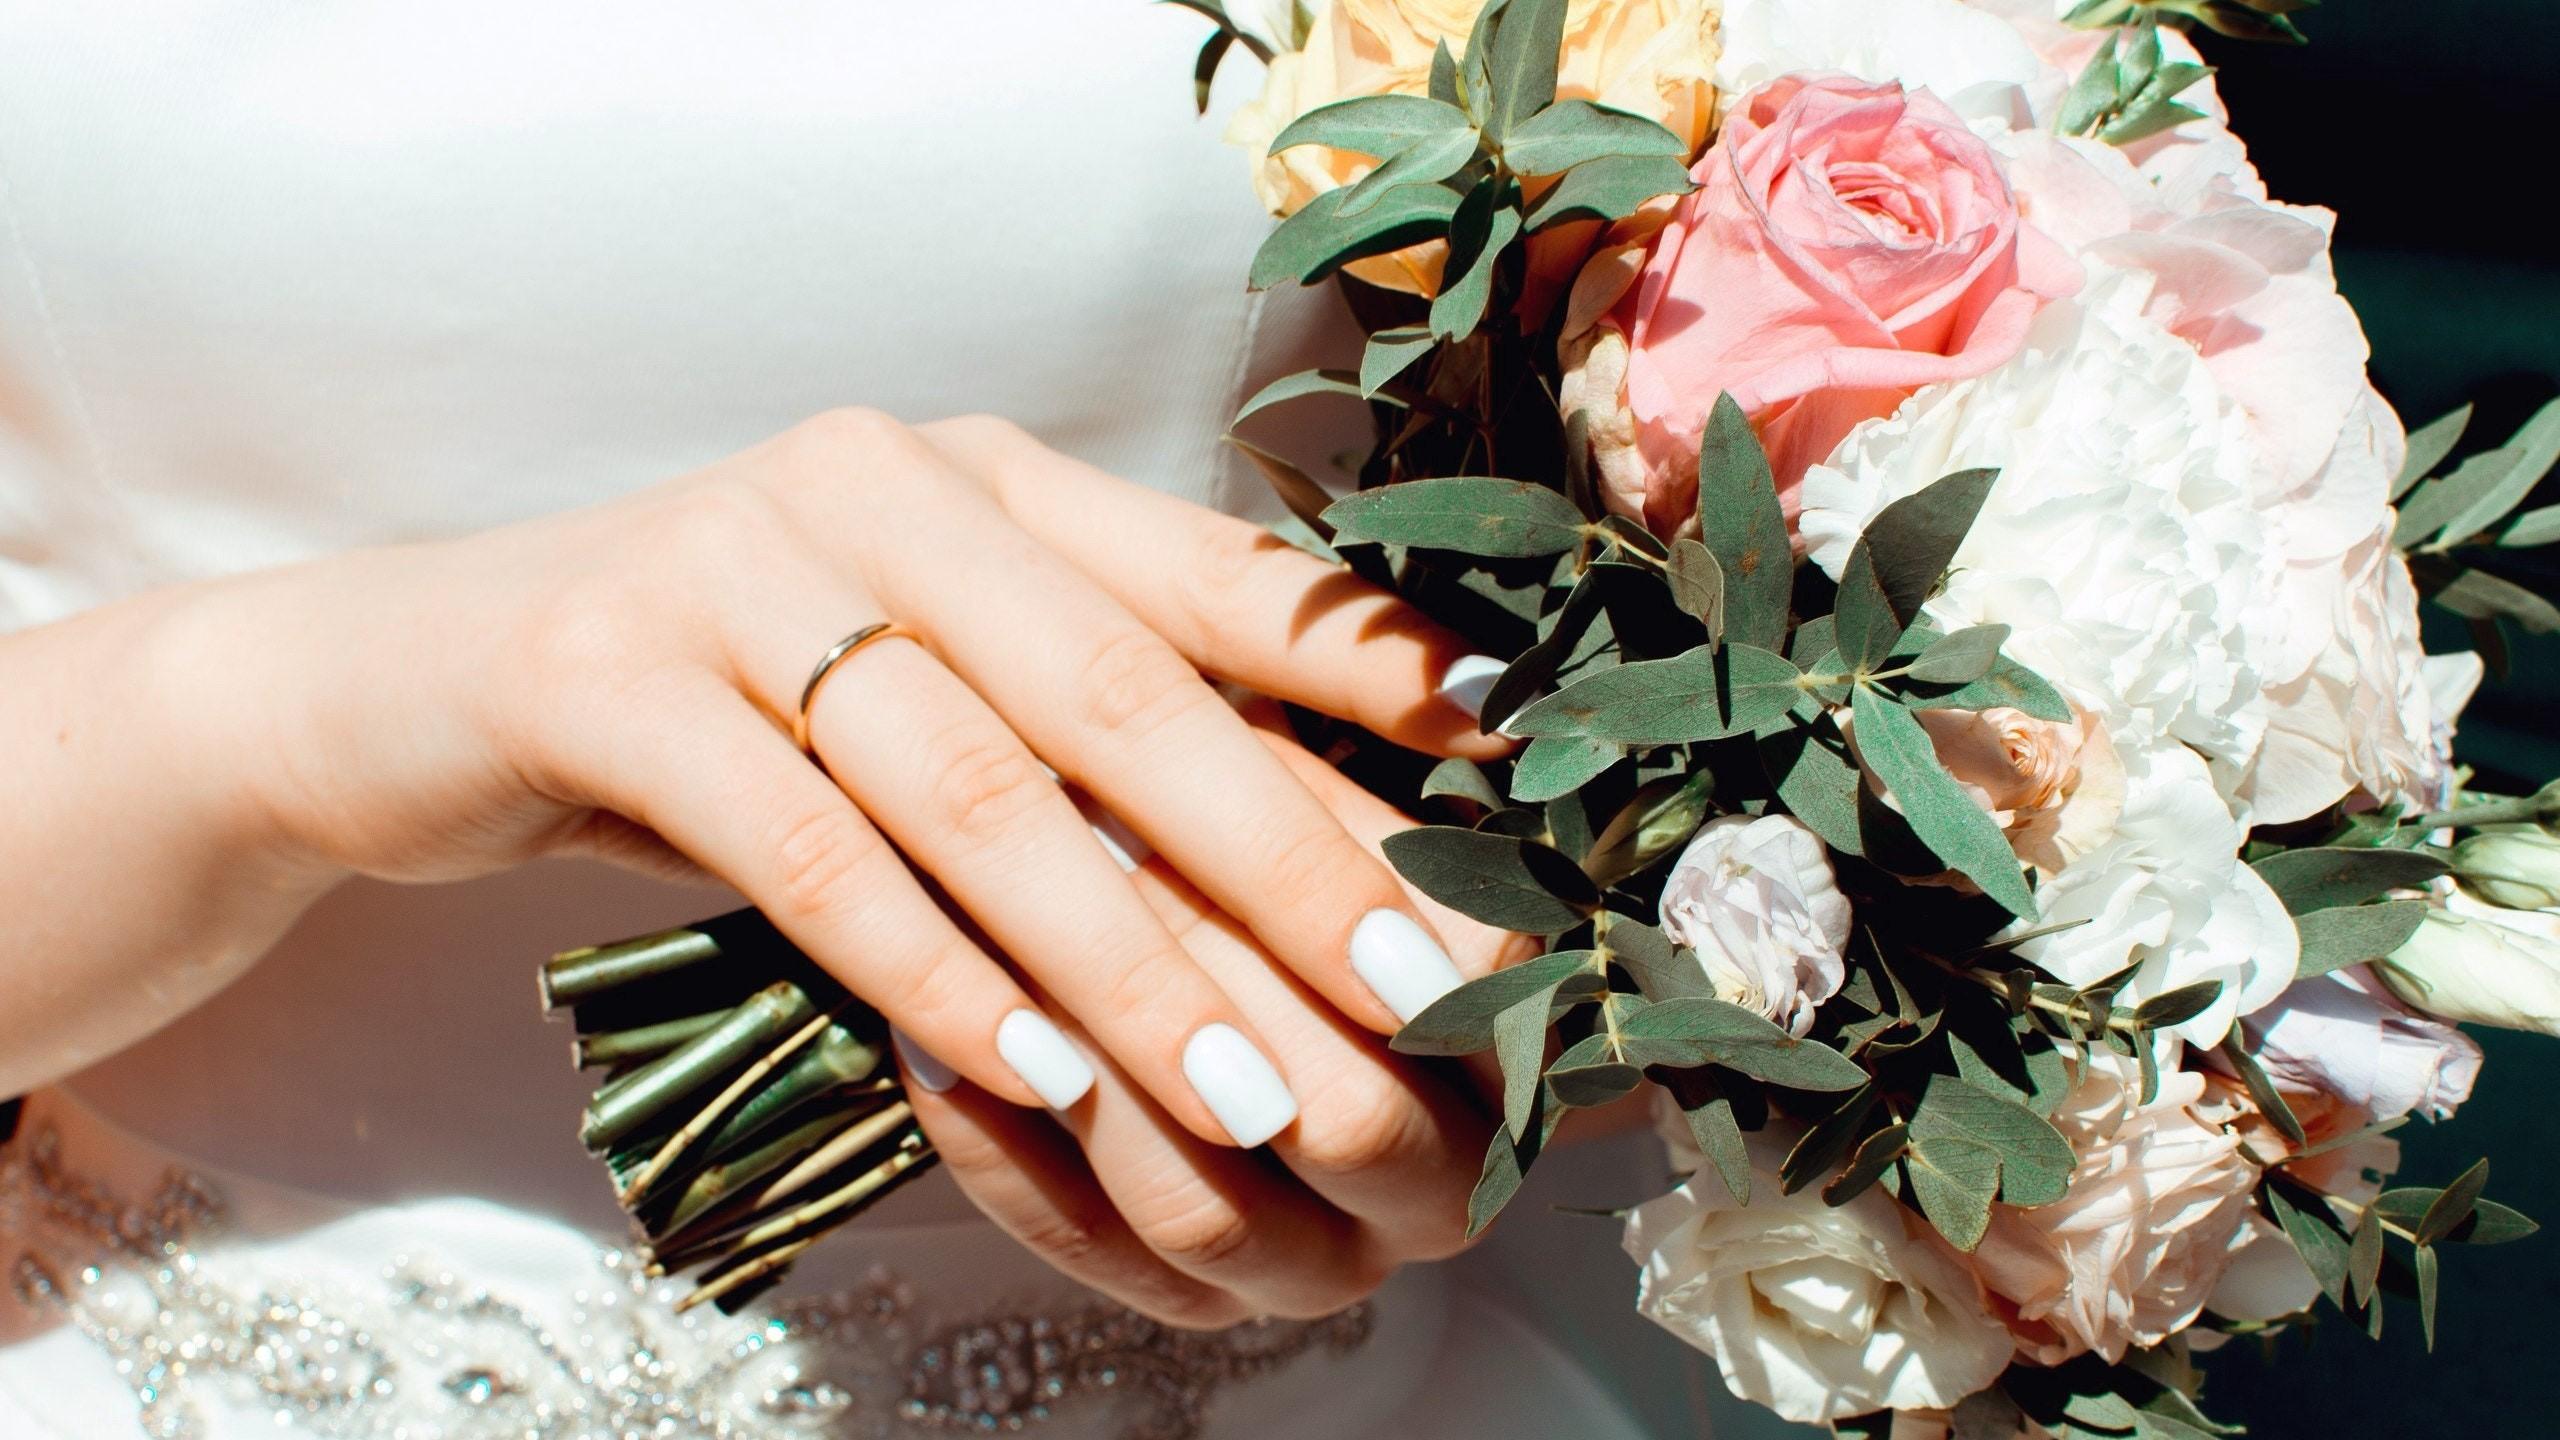 Menyasszony és esküvői csokor